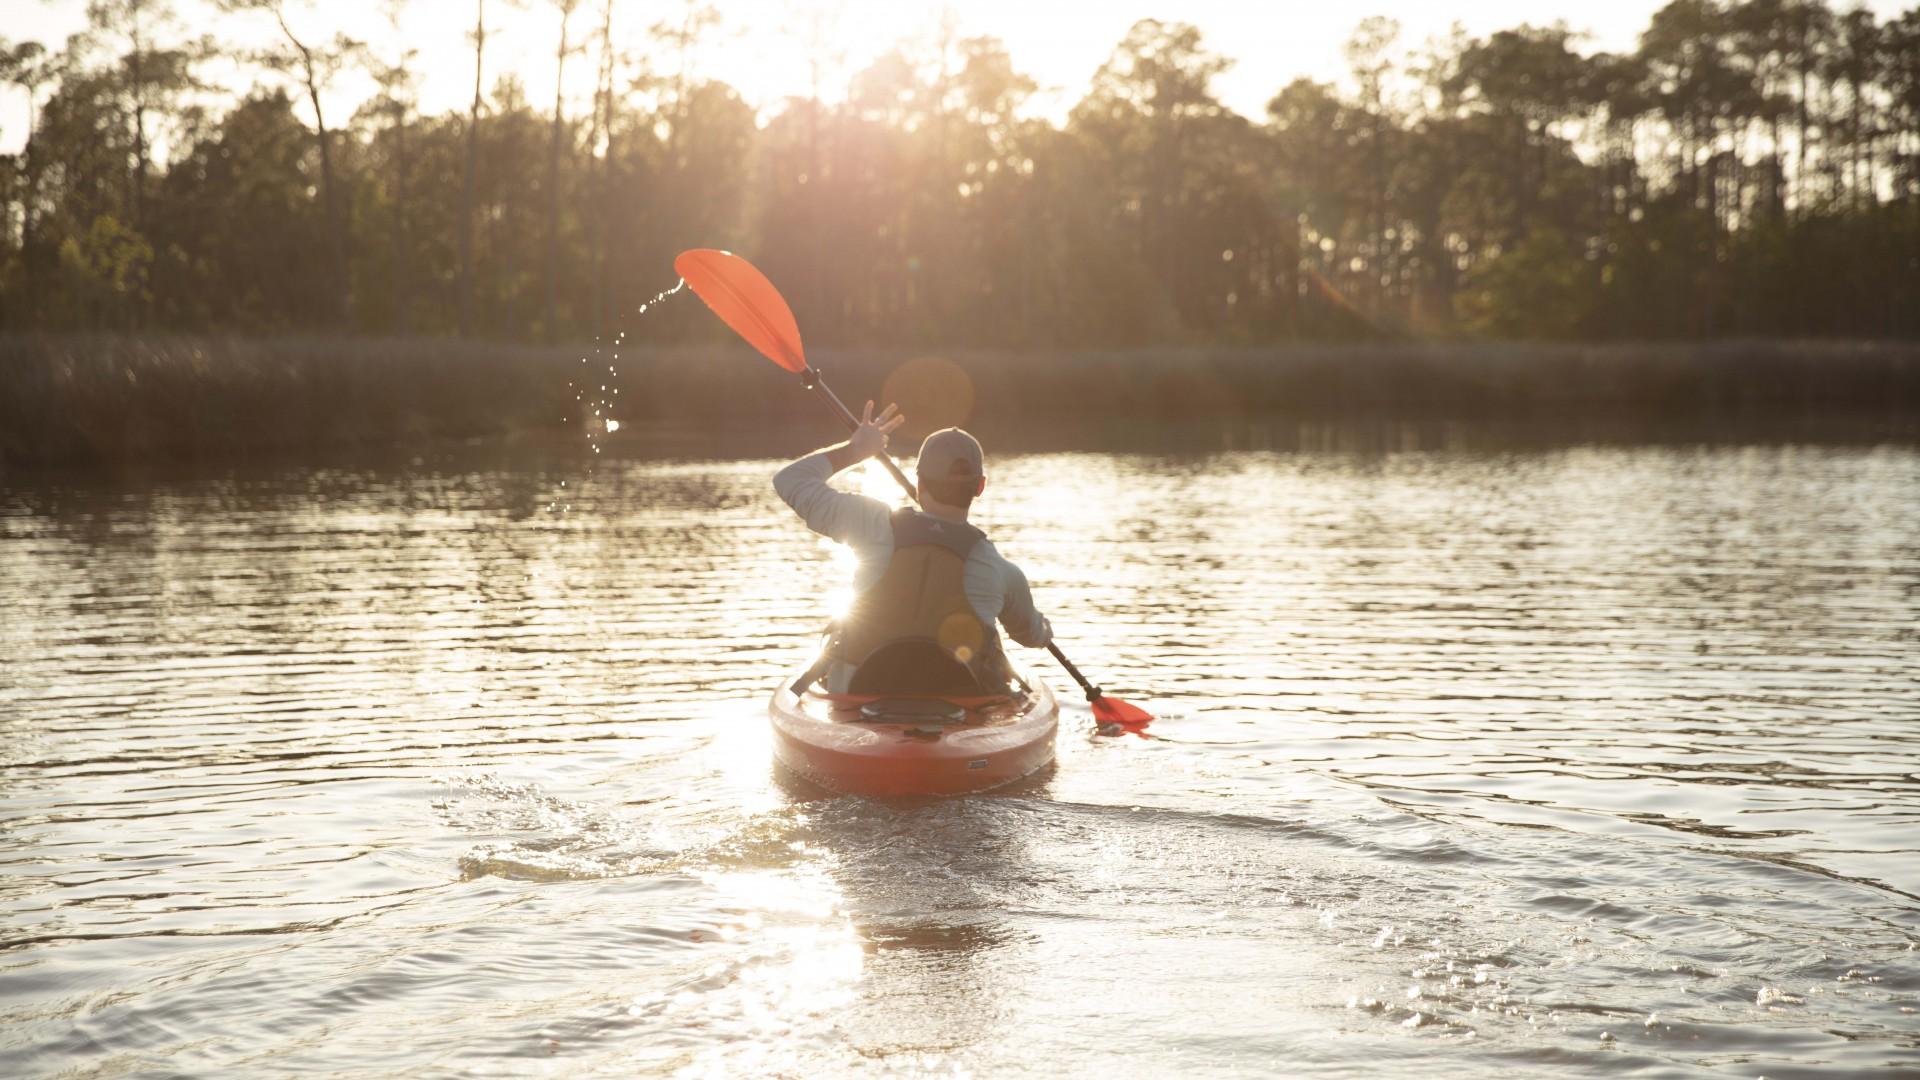 Man Kayaking in Alabama at Sunset